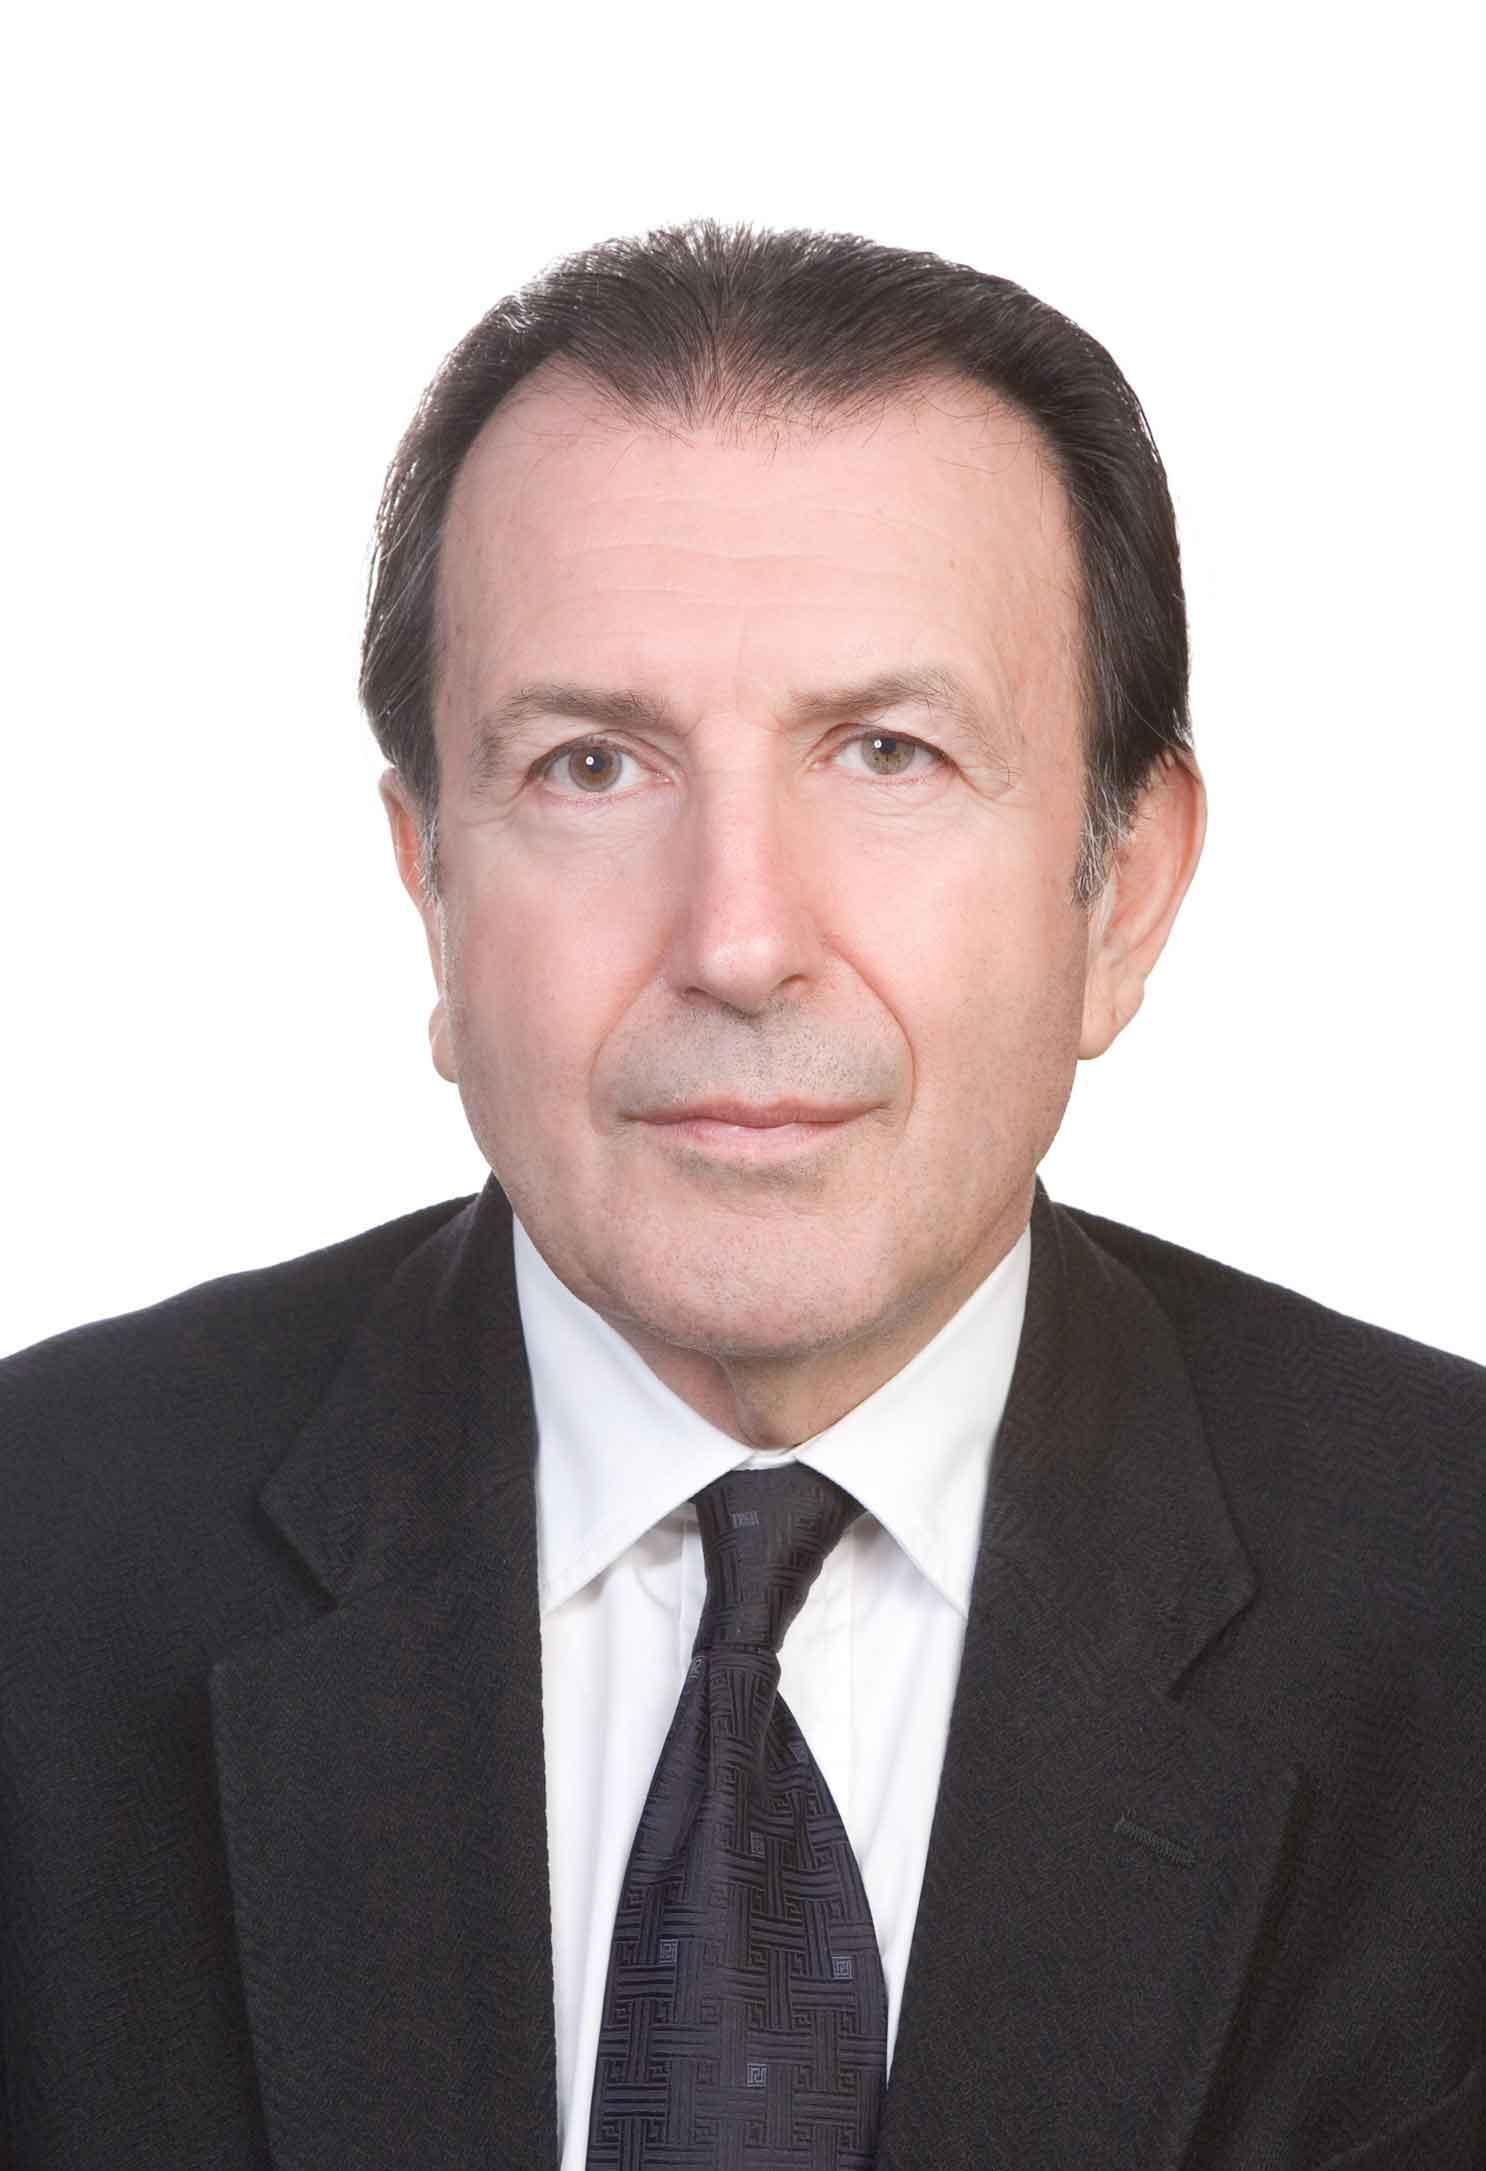 JOSÉ CARLOS BOTAS GARCÍA